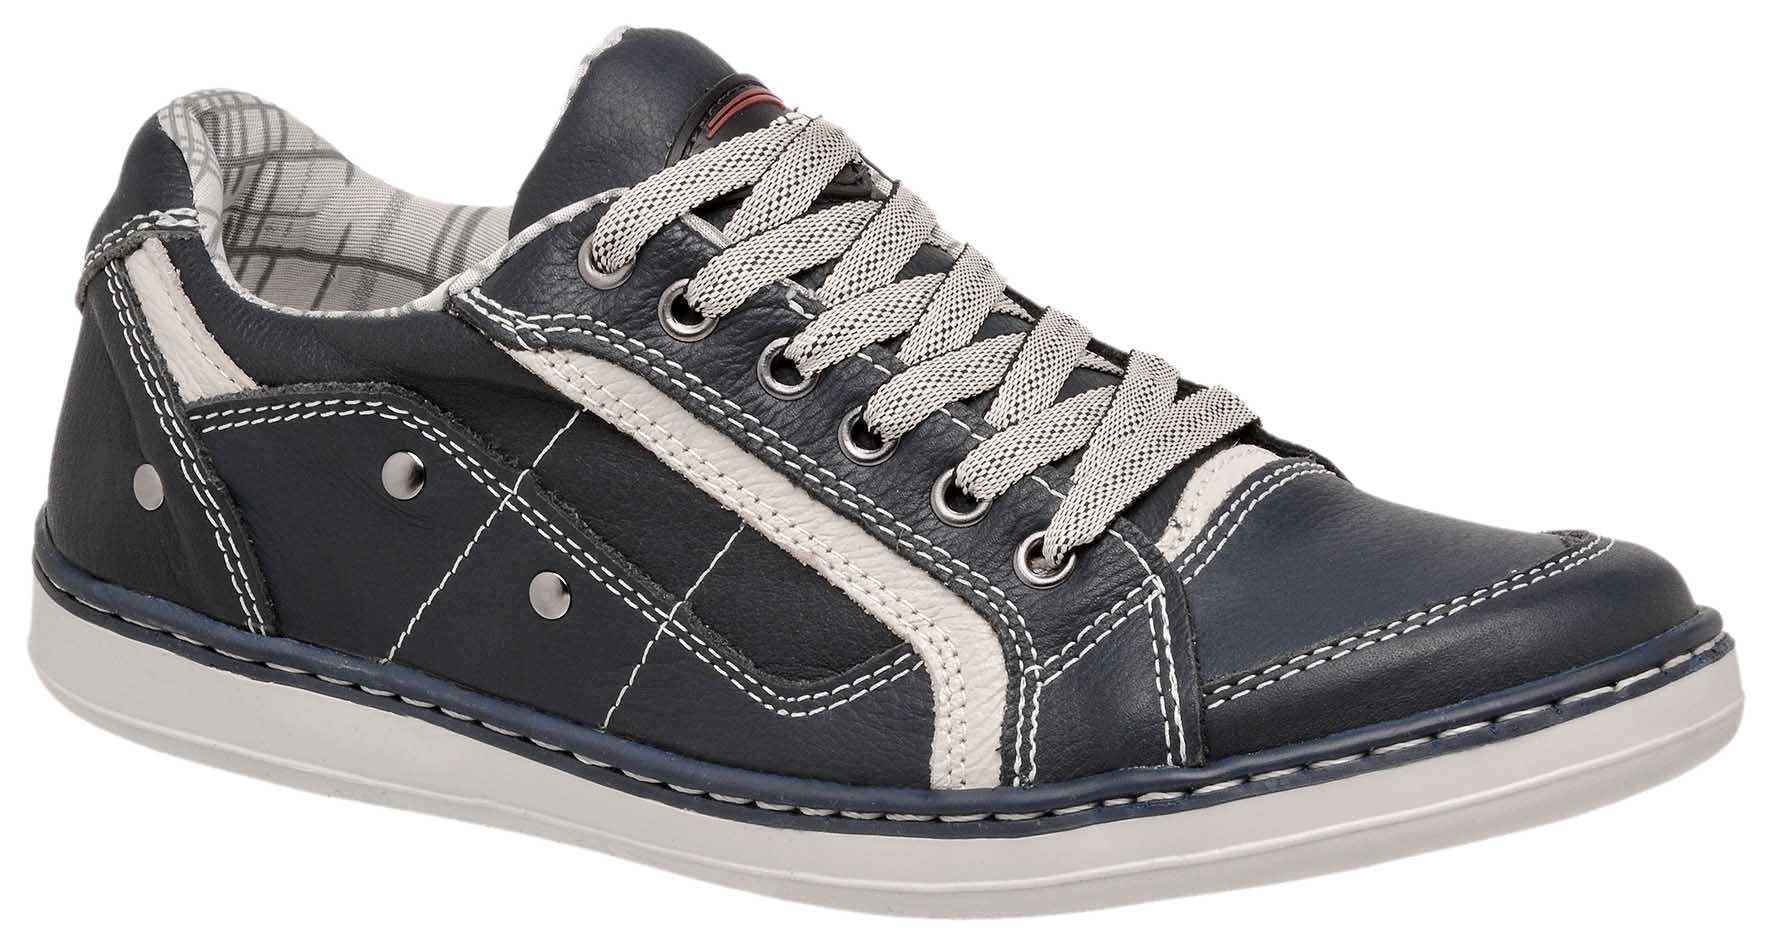 b237f7f8980 Sapatênis Casual Masculino Costurado Tchwm Shoes Couro Legítimo - Azul